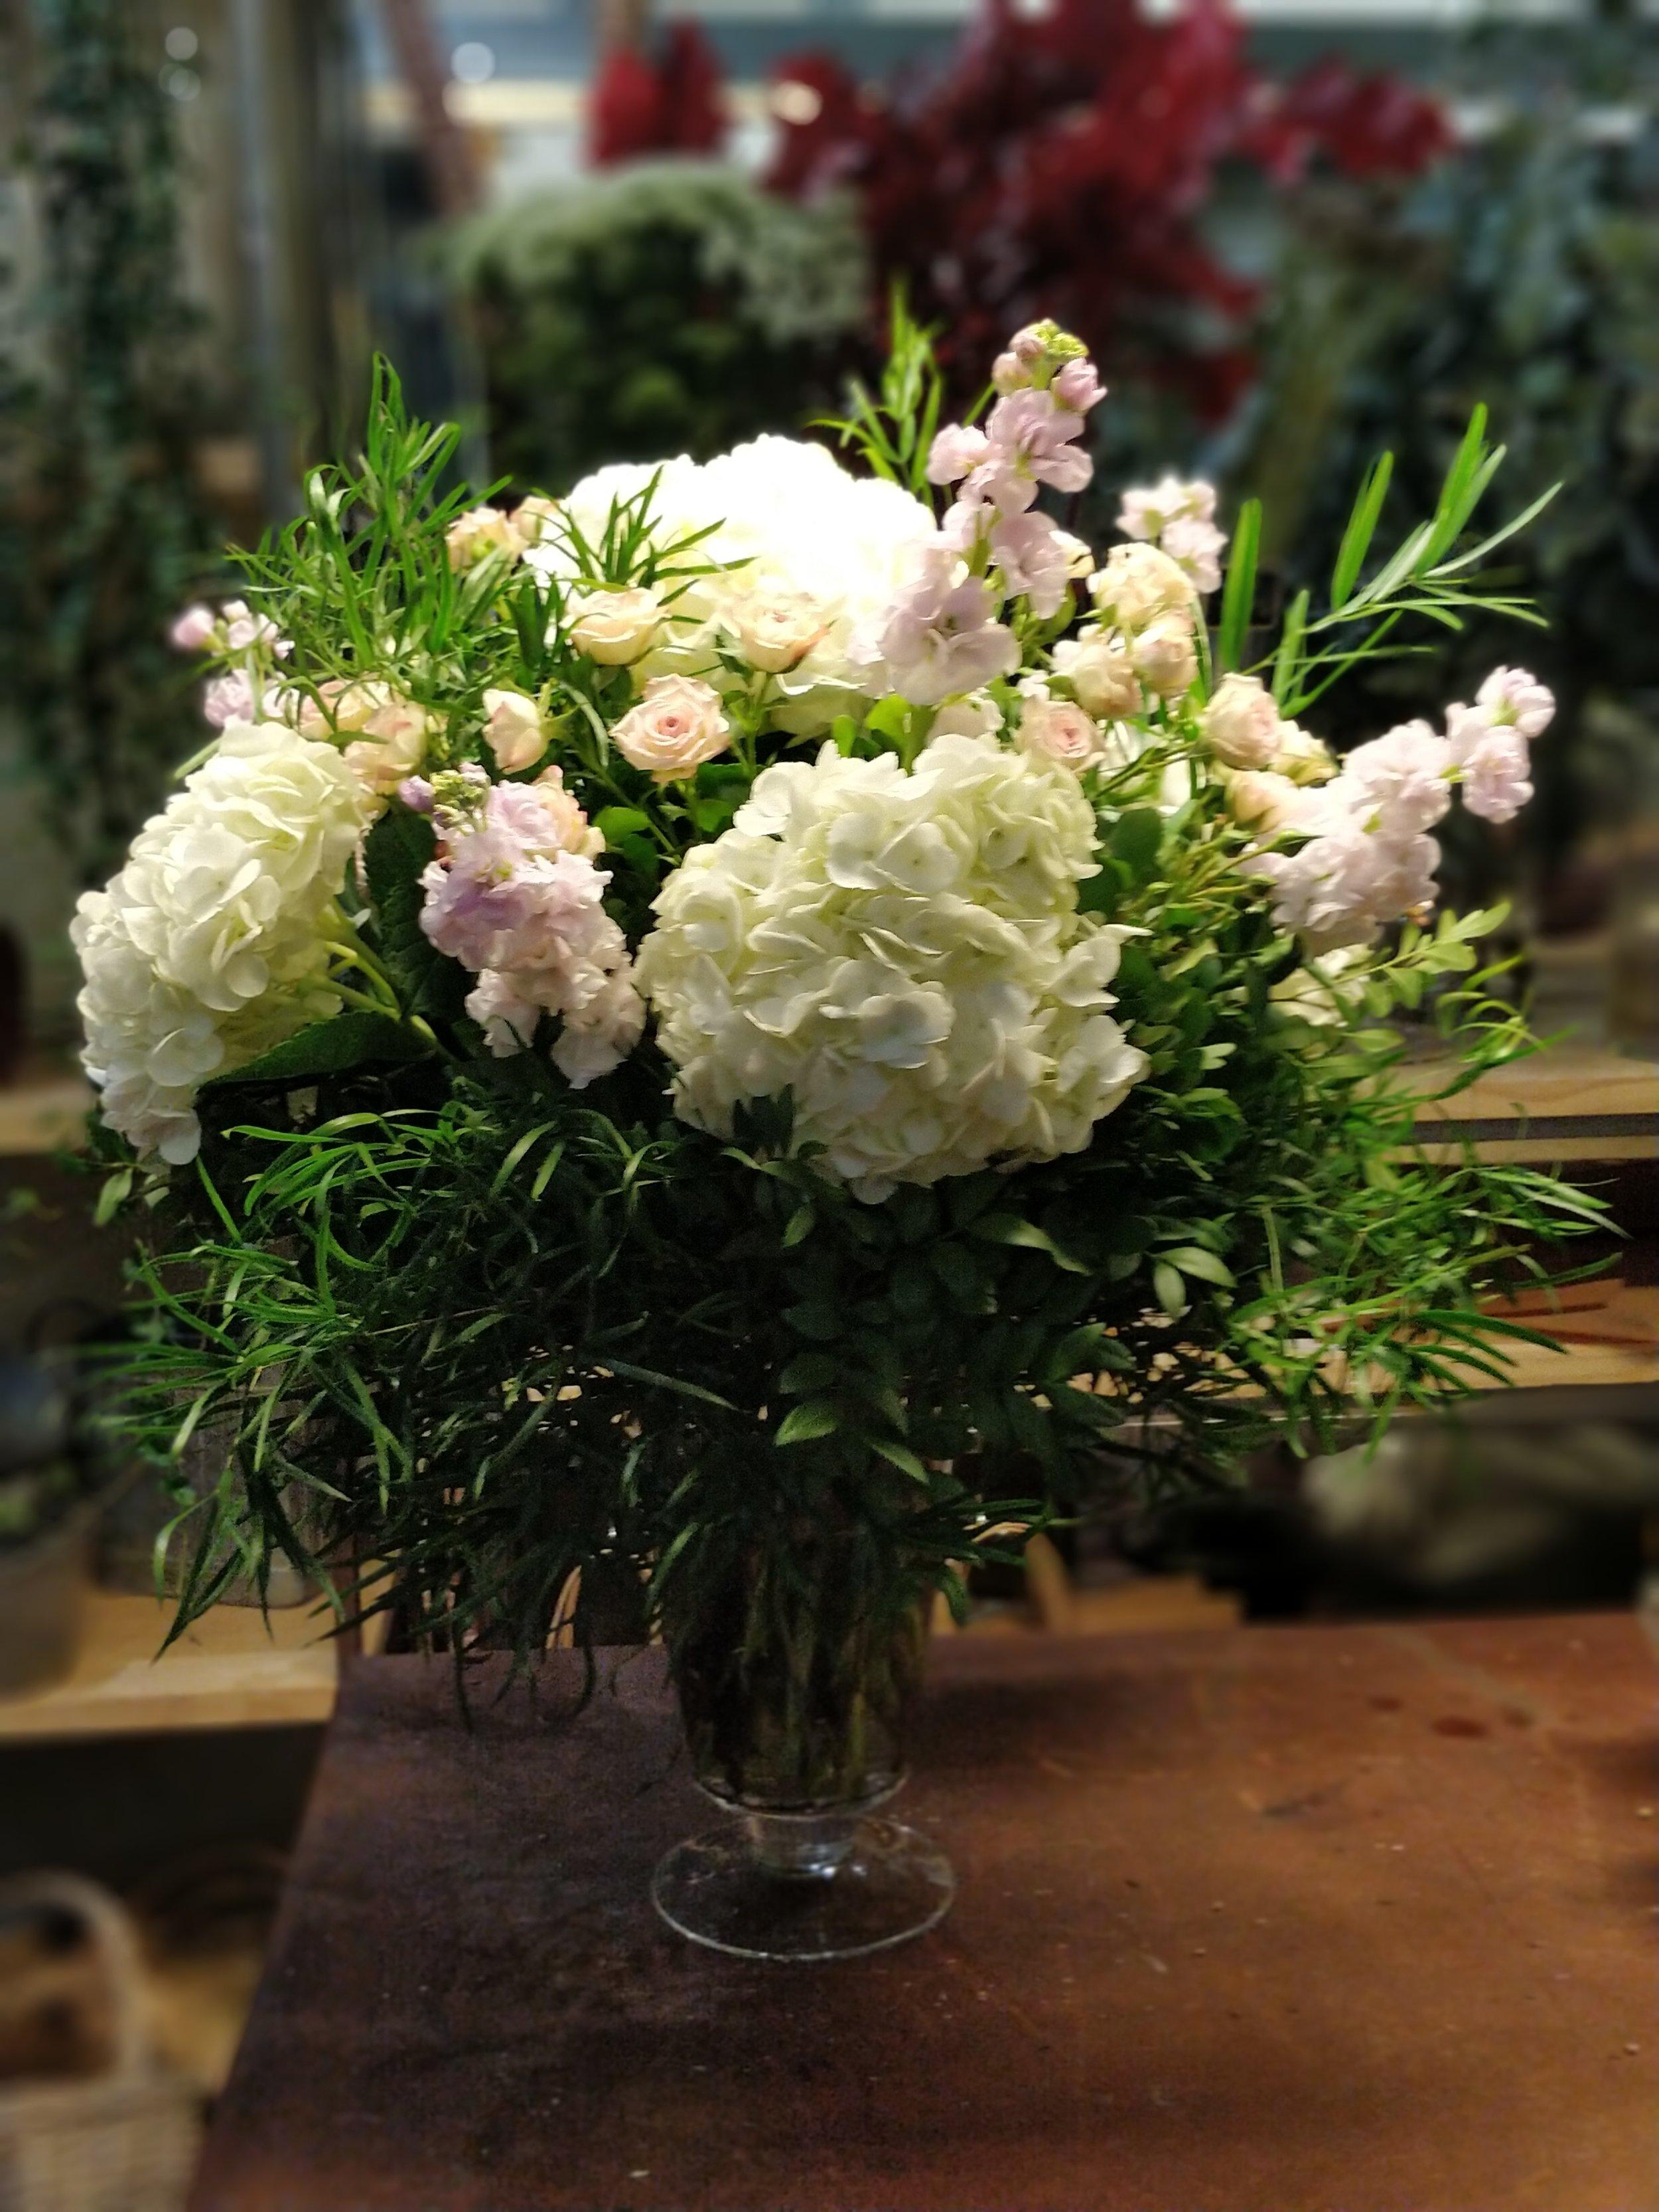 jarron hortensias blancas.jpg